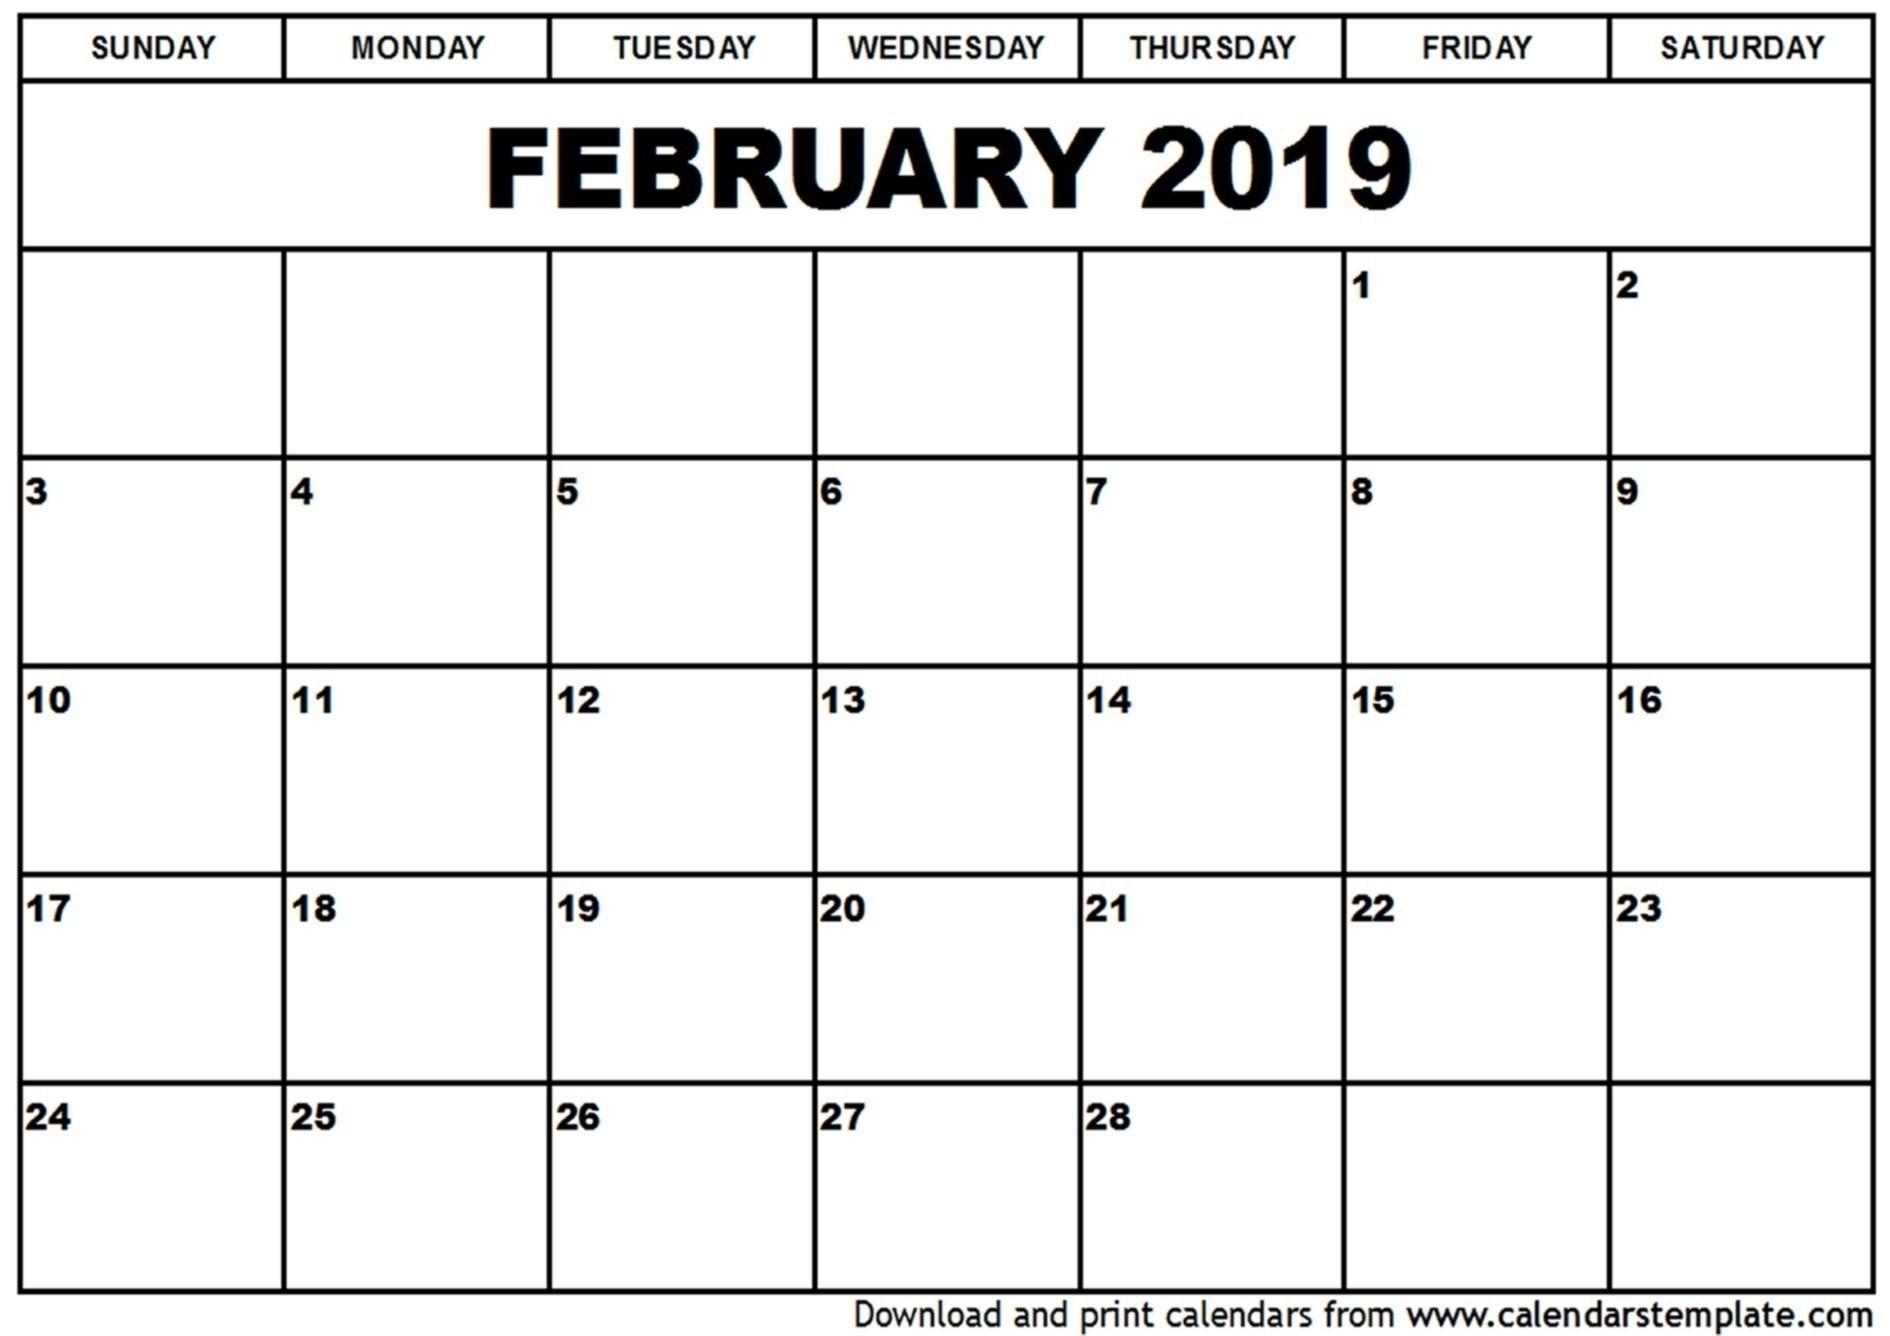 Calendar Labs 2019 Monthly Printable | Kostilka-Calendar-Calendar Labs Monday Start Monthly Calendar